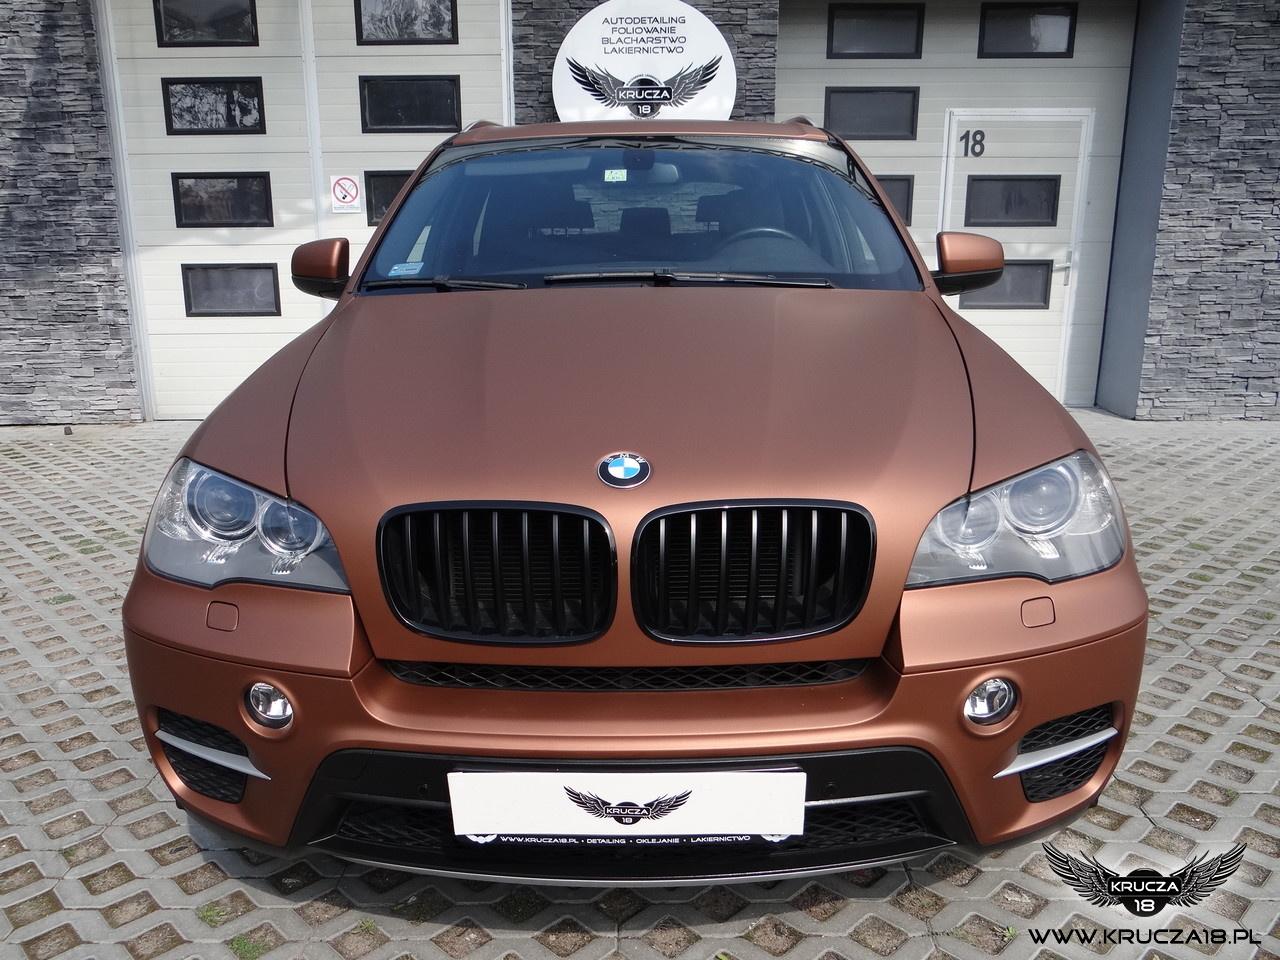 BMW x5 : zmiana koloru auta folią : oklejanie : Aztec Bronze : Krucza18 : Bydgoszcz : Osielsko